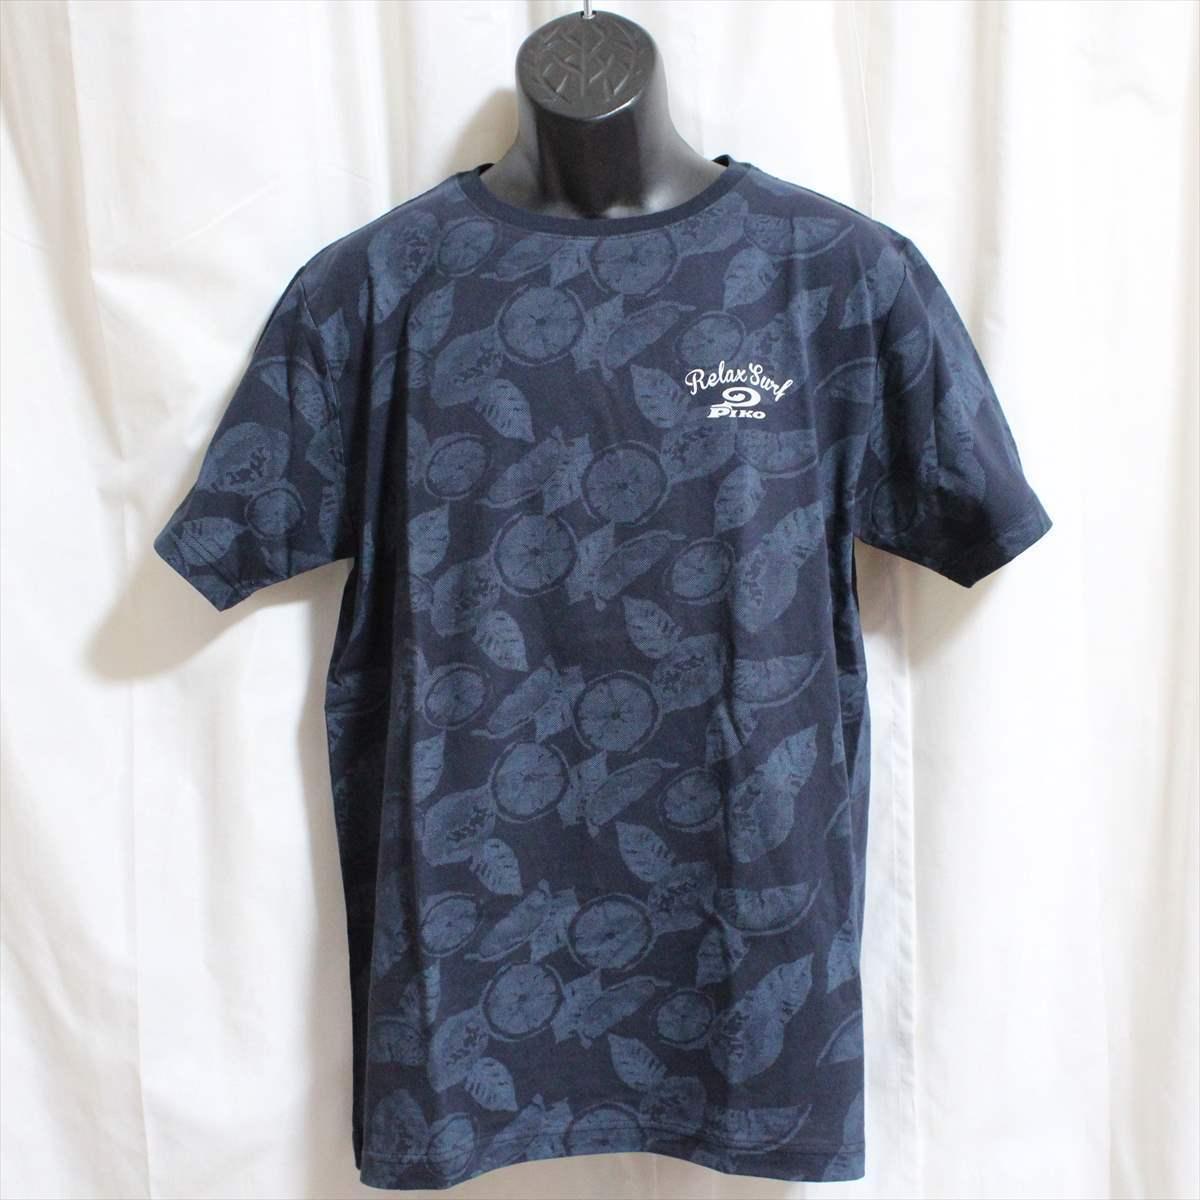 ピコ PIKO メンズ半袖Tシャツ ネイビー Lサイズ 新品 紺_画像1